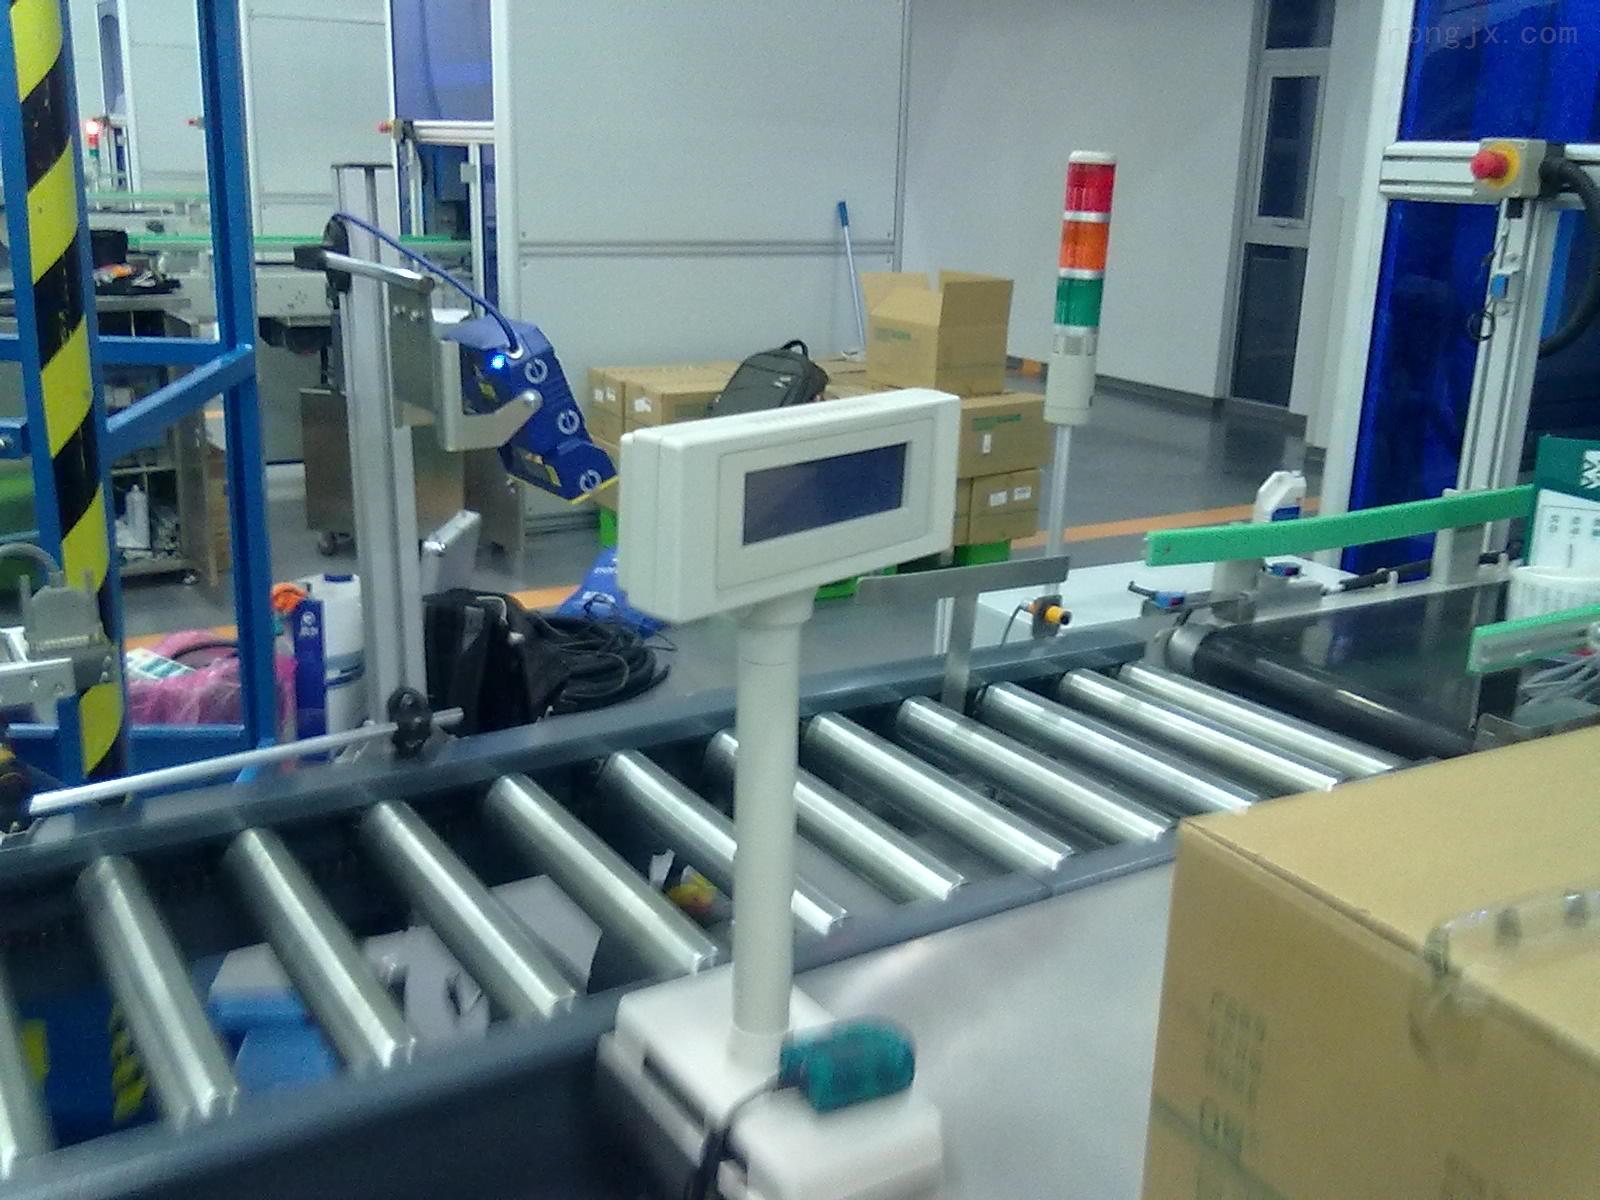 无锡线和转弯滚筒线 碳钢喷塑动力辊筒输送机xy1辊筒输送机